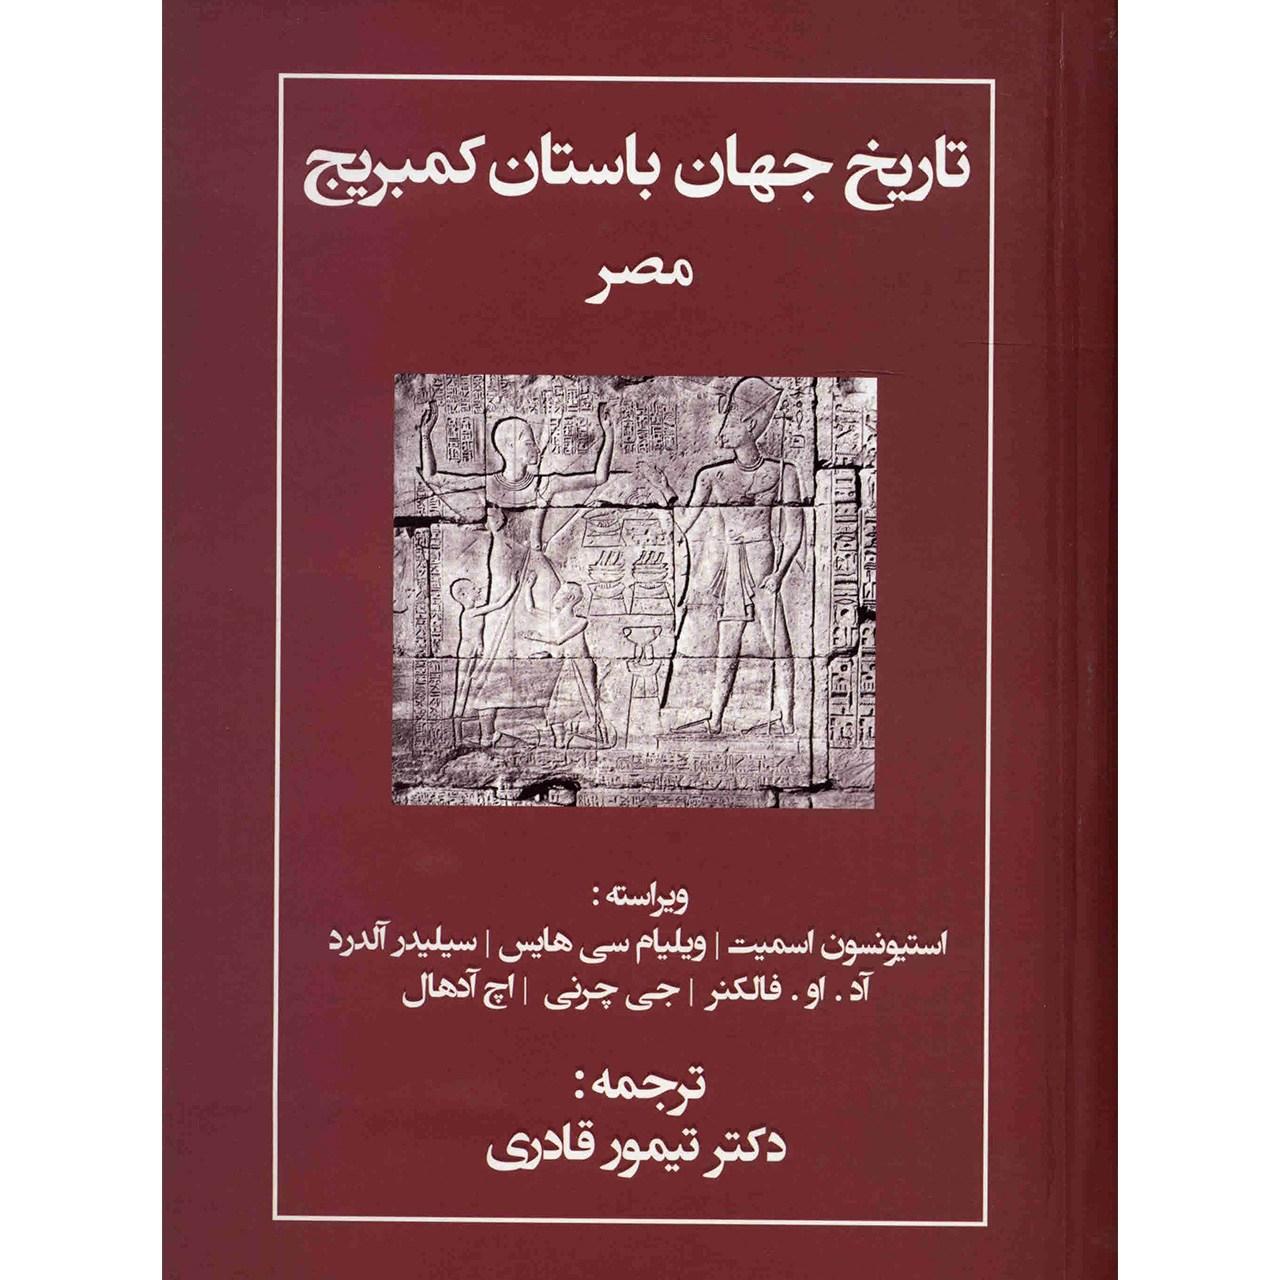 خرید                      کتاب تاریخ جهان باستان کمبریج مصر اثر استیونسون اسمیت